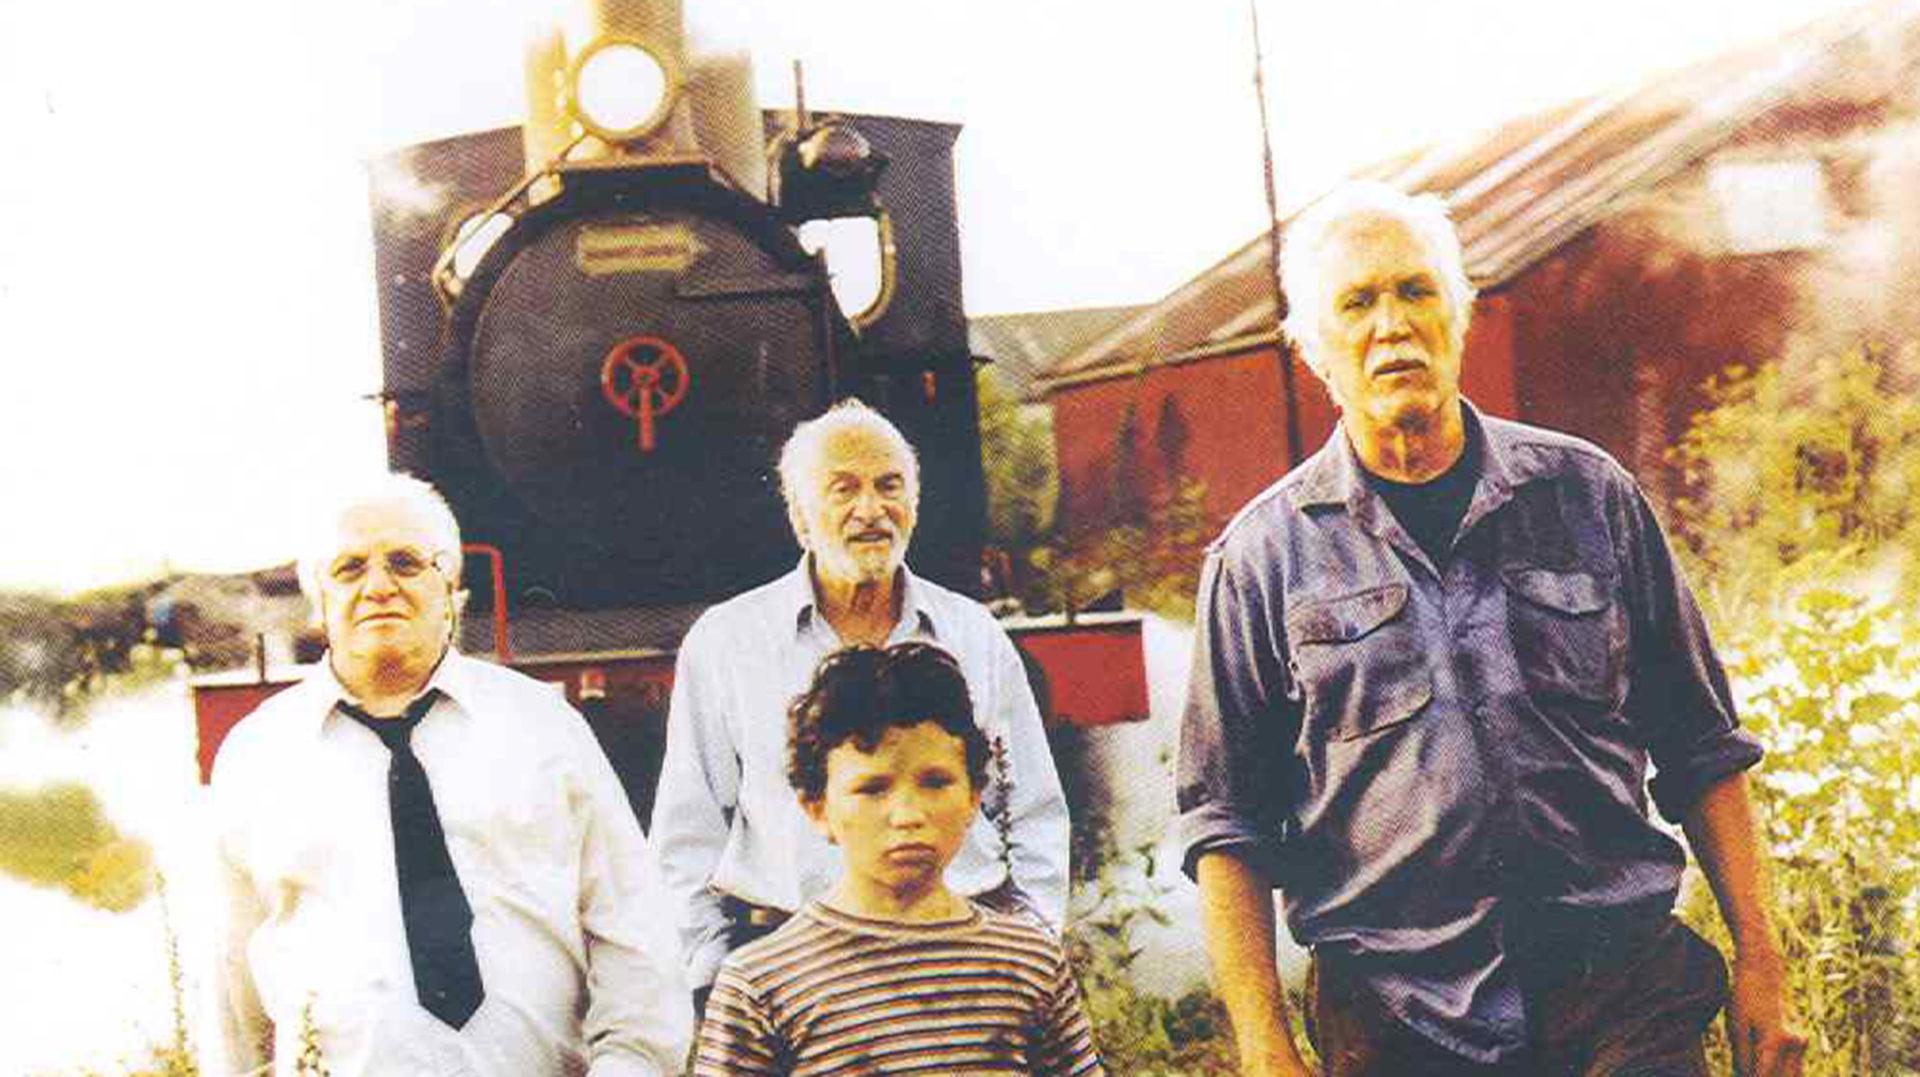 Cinefòrum: el último tren